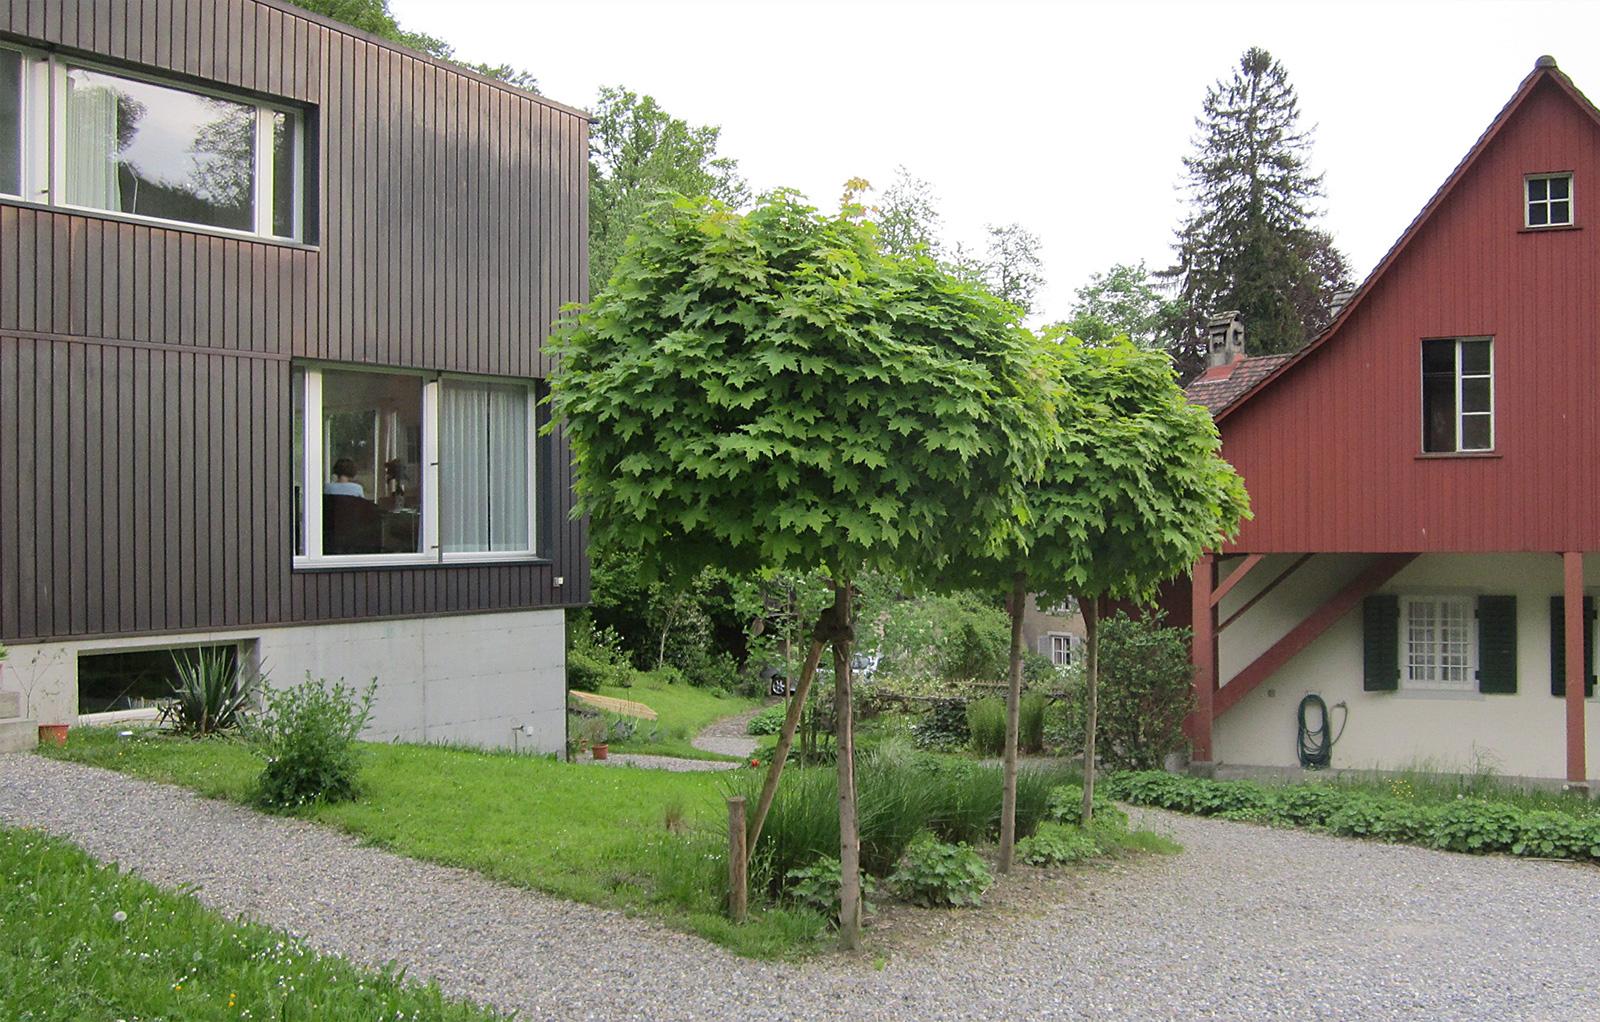 Passstück, Innenhof/Garten